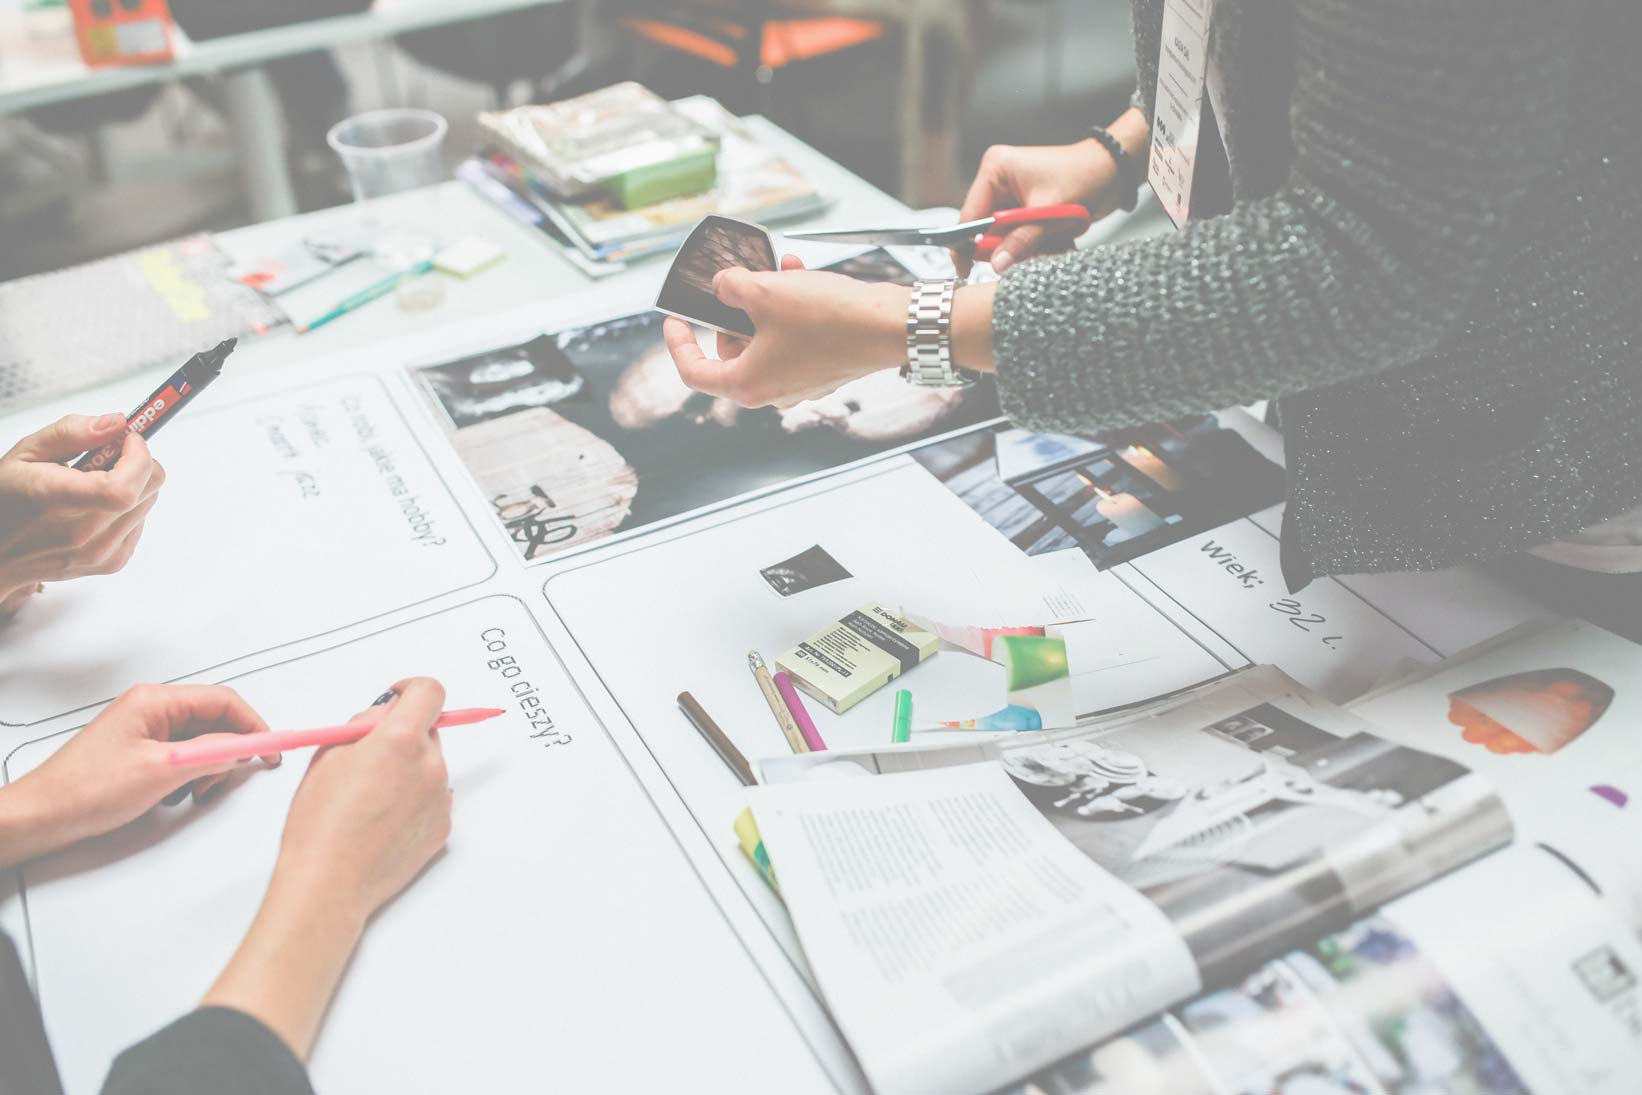 design-overlay-atom-design-professionals